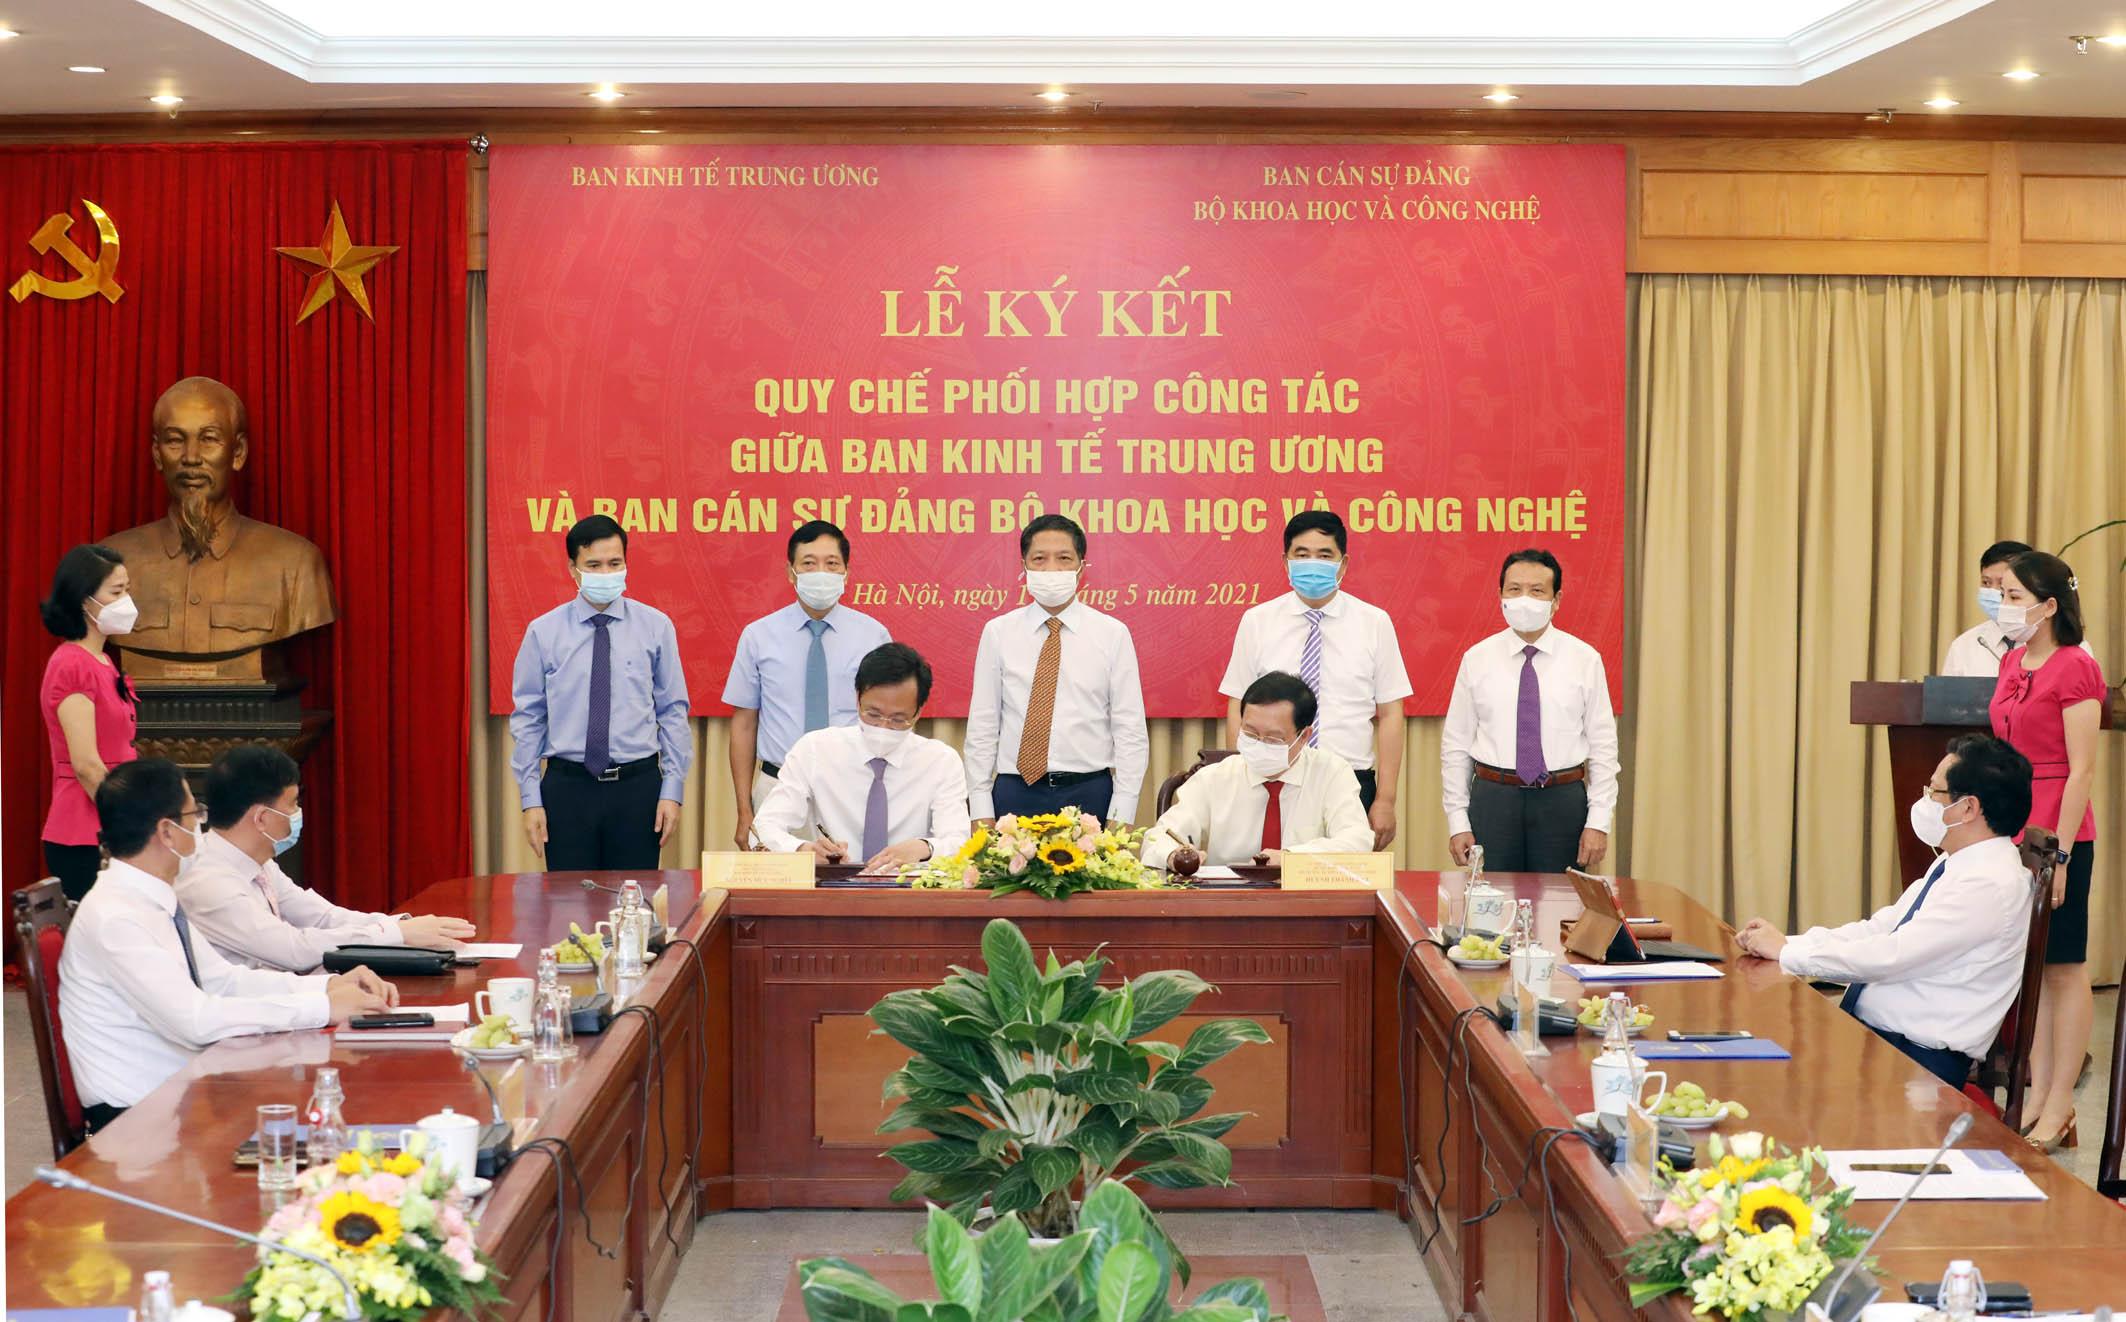 Ban Kinh tế TƯ đặt hàng Bộ Khoa học và Công nghệ nghiên cứu các vấn đề có tính dự báo - Ảnh 3.